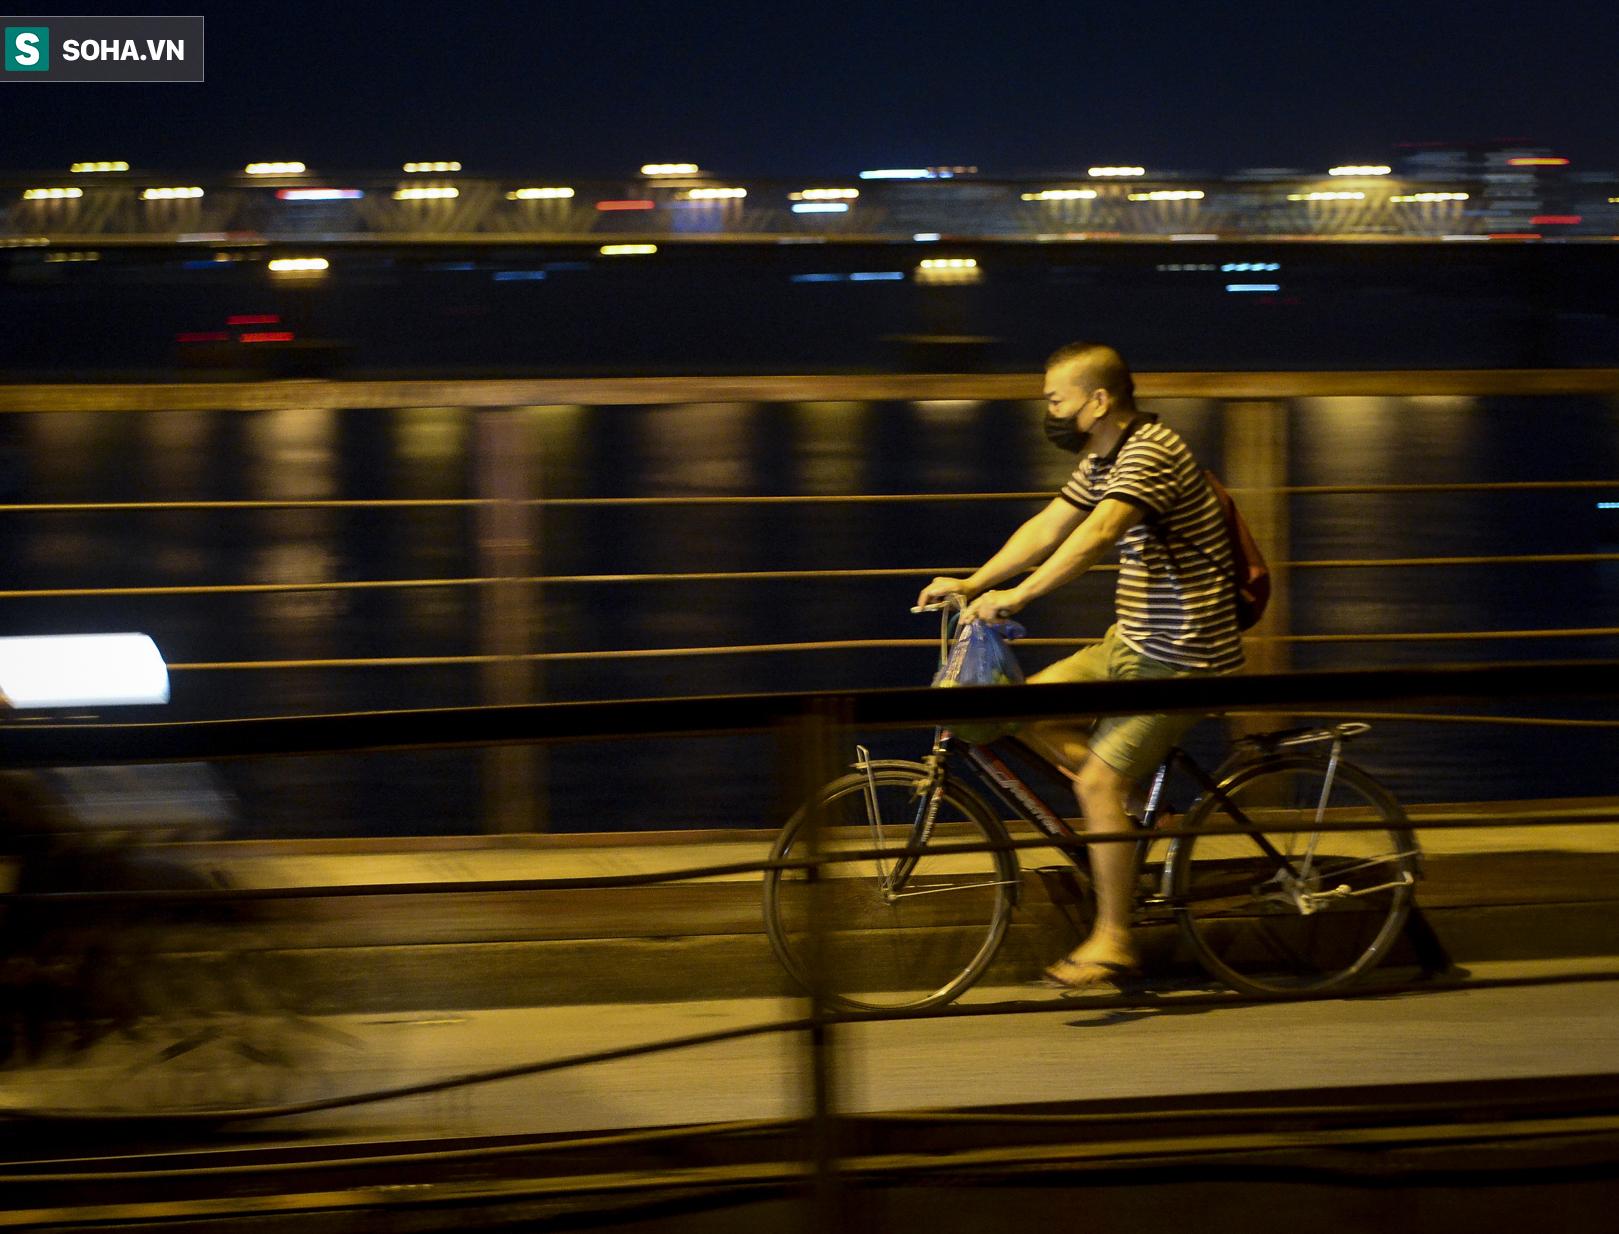 Hà Nội: Nam thanh nữ tú thản nhiên lên cầu Long Biên tâm sự, chụp ảnh, hóng mát bất chấp giãn cách xã hội - Ảnh 6.